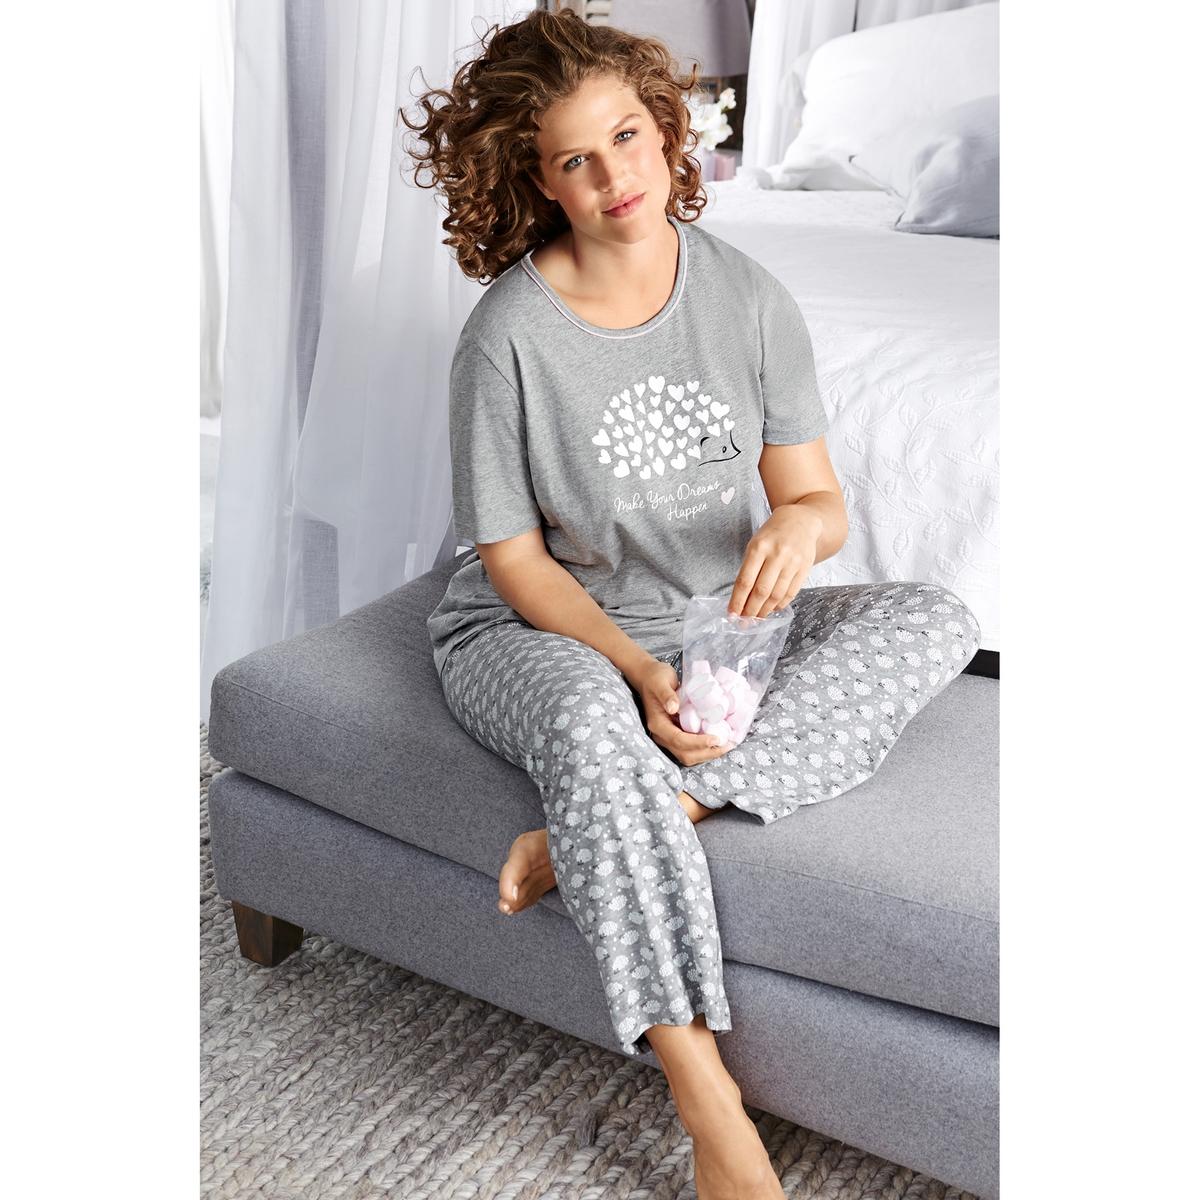 ПижамаПижама - ULLA POPKEN. Верх с короткими рукавами украшен рисунком ёж. Длинные прямые брюки с рисунком ежи и полностью эластичным поясом. 100% хлопок. Длина в зависимости от размера. 72 - 82 см, длина по внутр. шву ок. 76 см<br><br>Цвет: серый